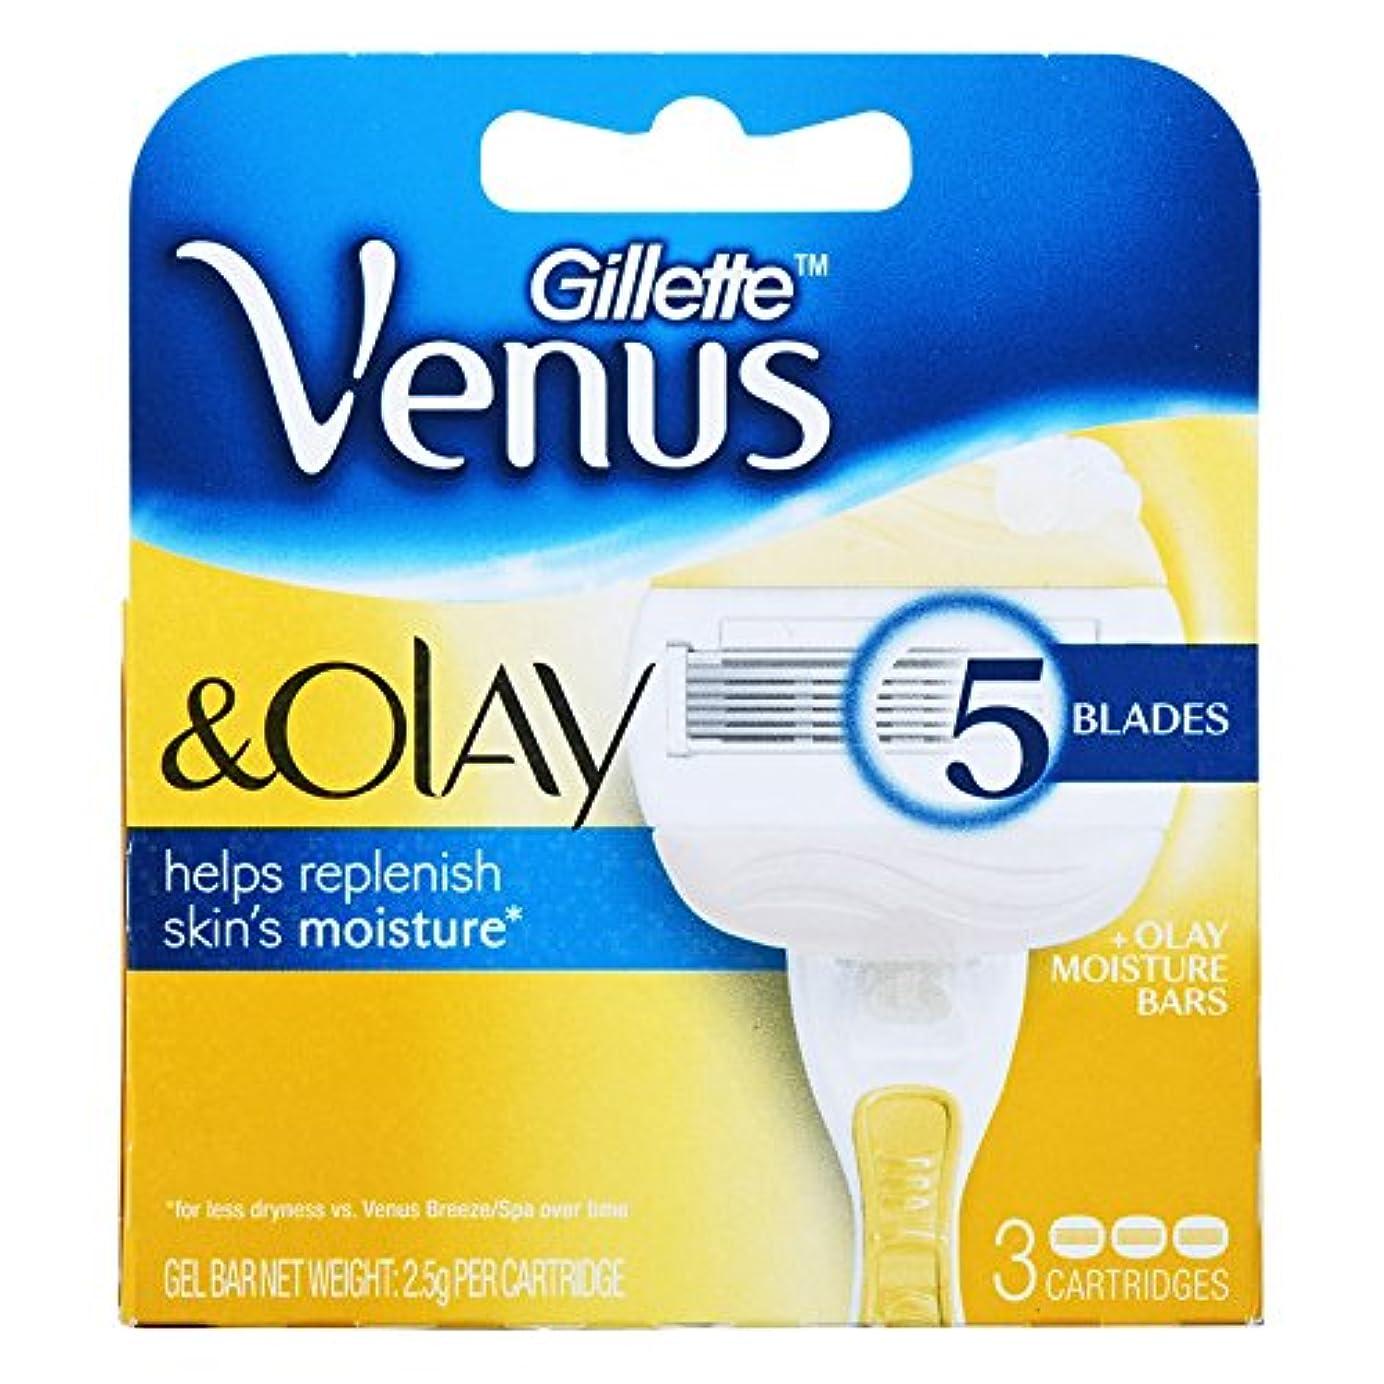 パール乱す対抗Gillette Venus Olay Razor Blades カートリッジブレード 3 Pcs [並行輸入品]